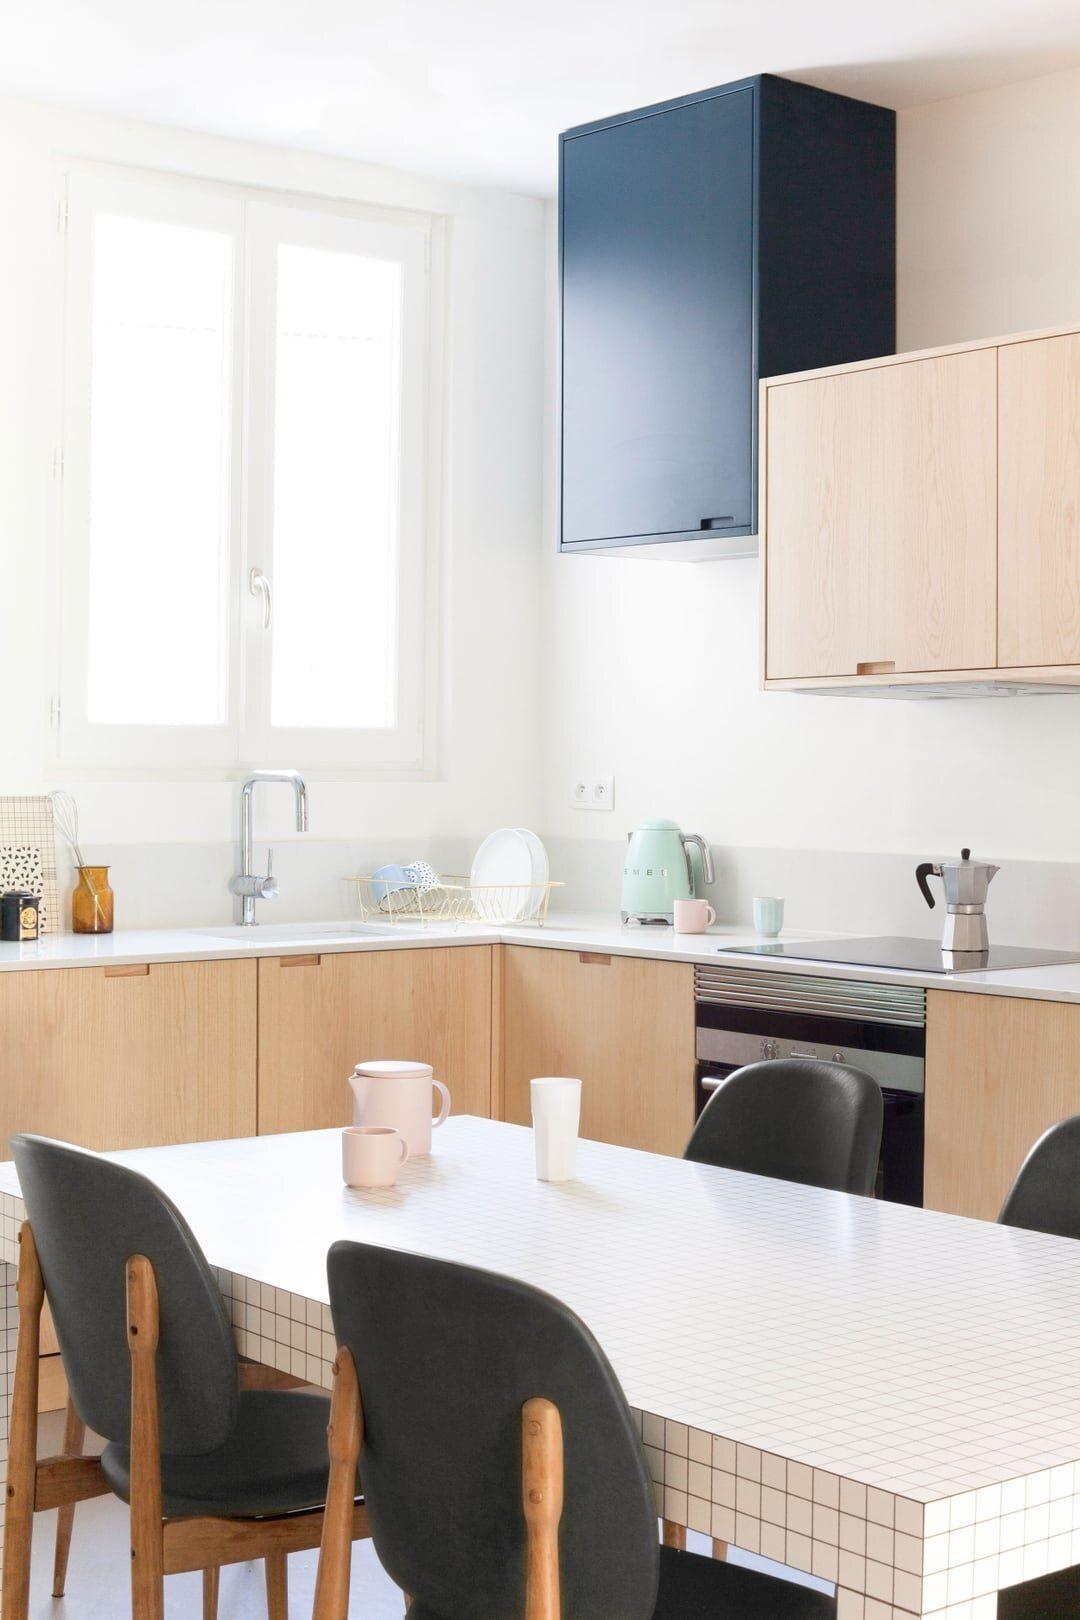 Modern Memphis Style In 2020 Simple Kitchen Design Home Kitchens Kitchen Design